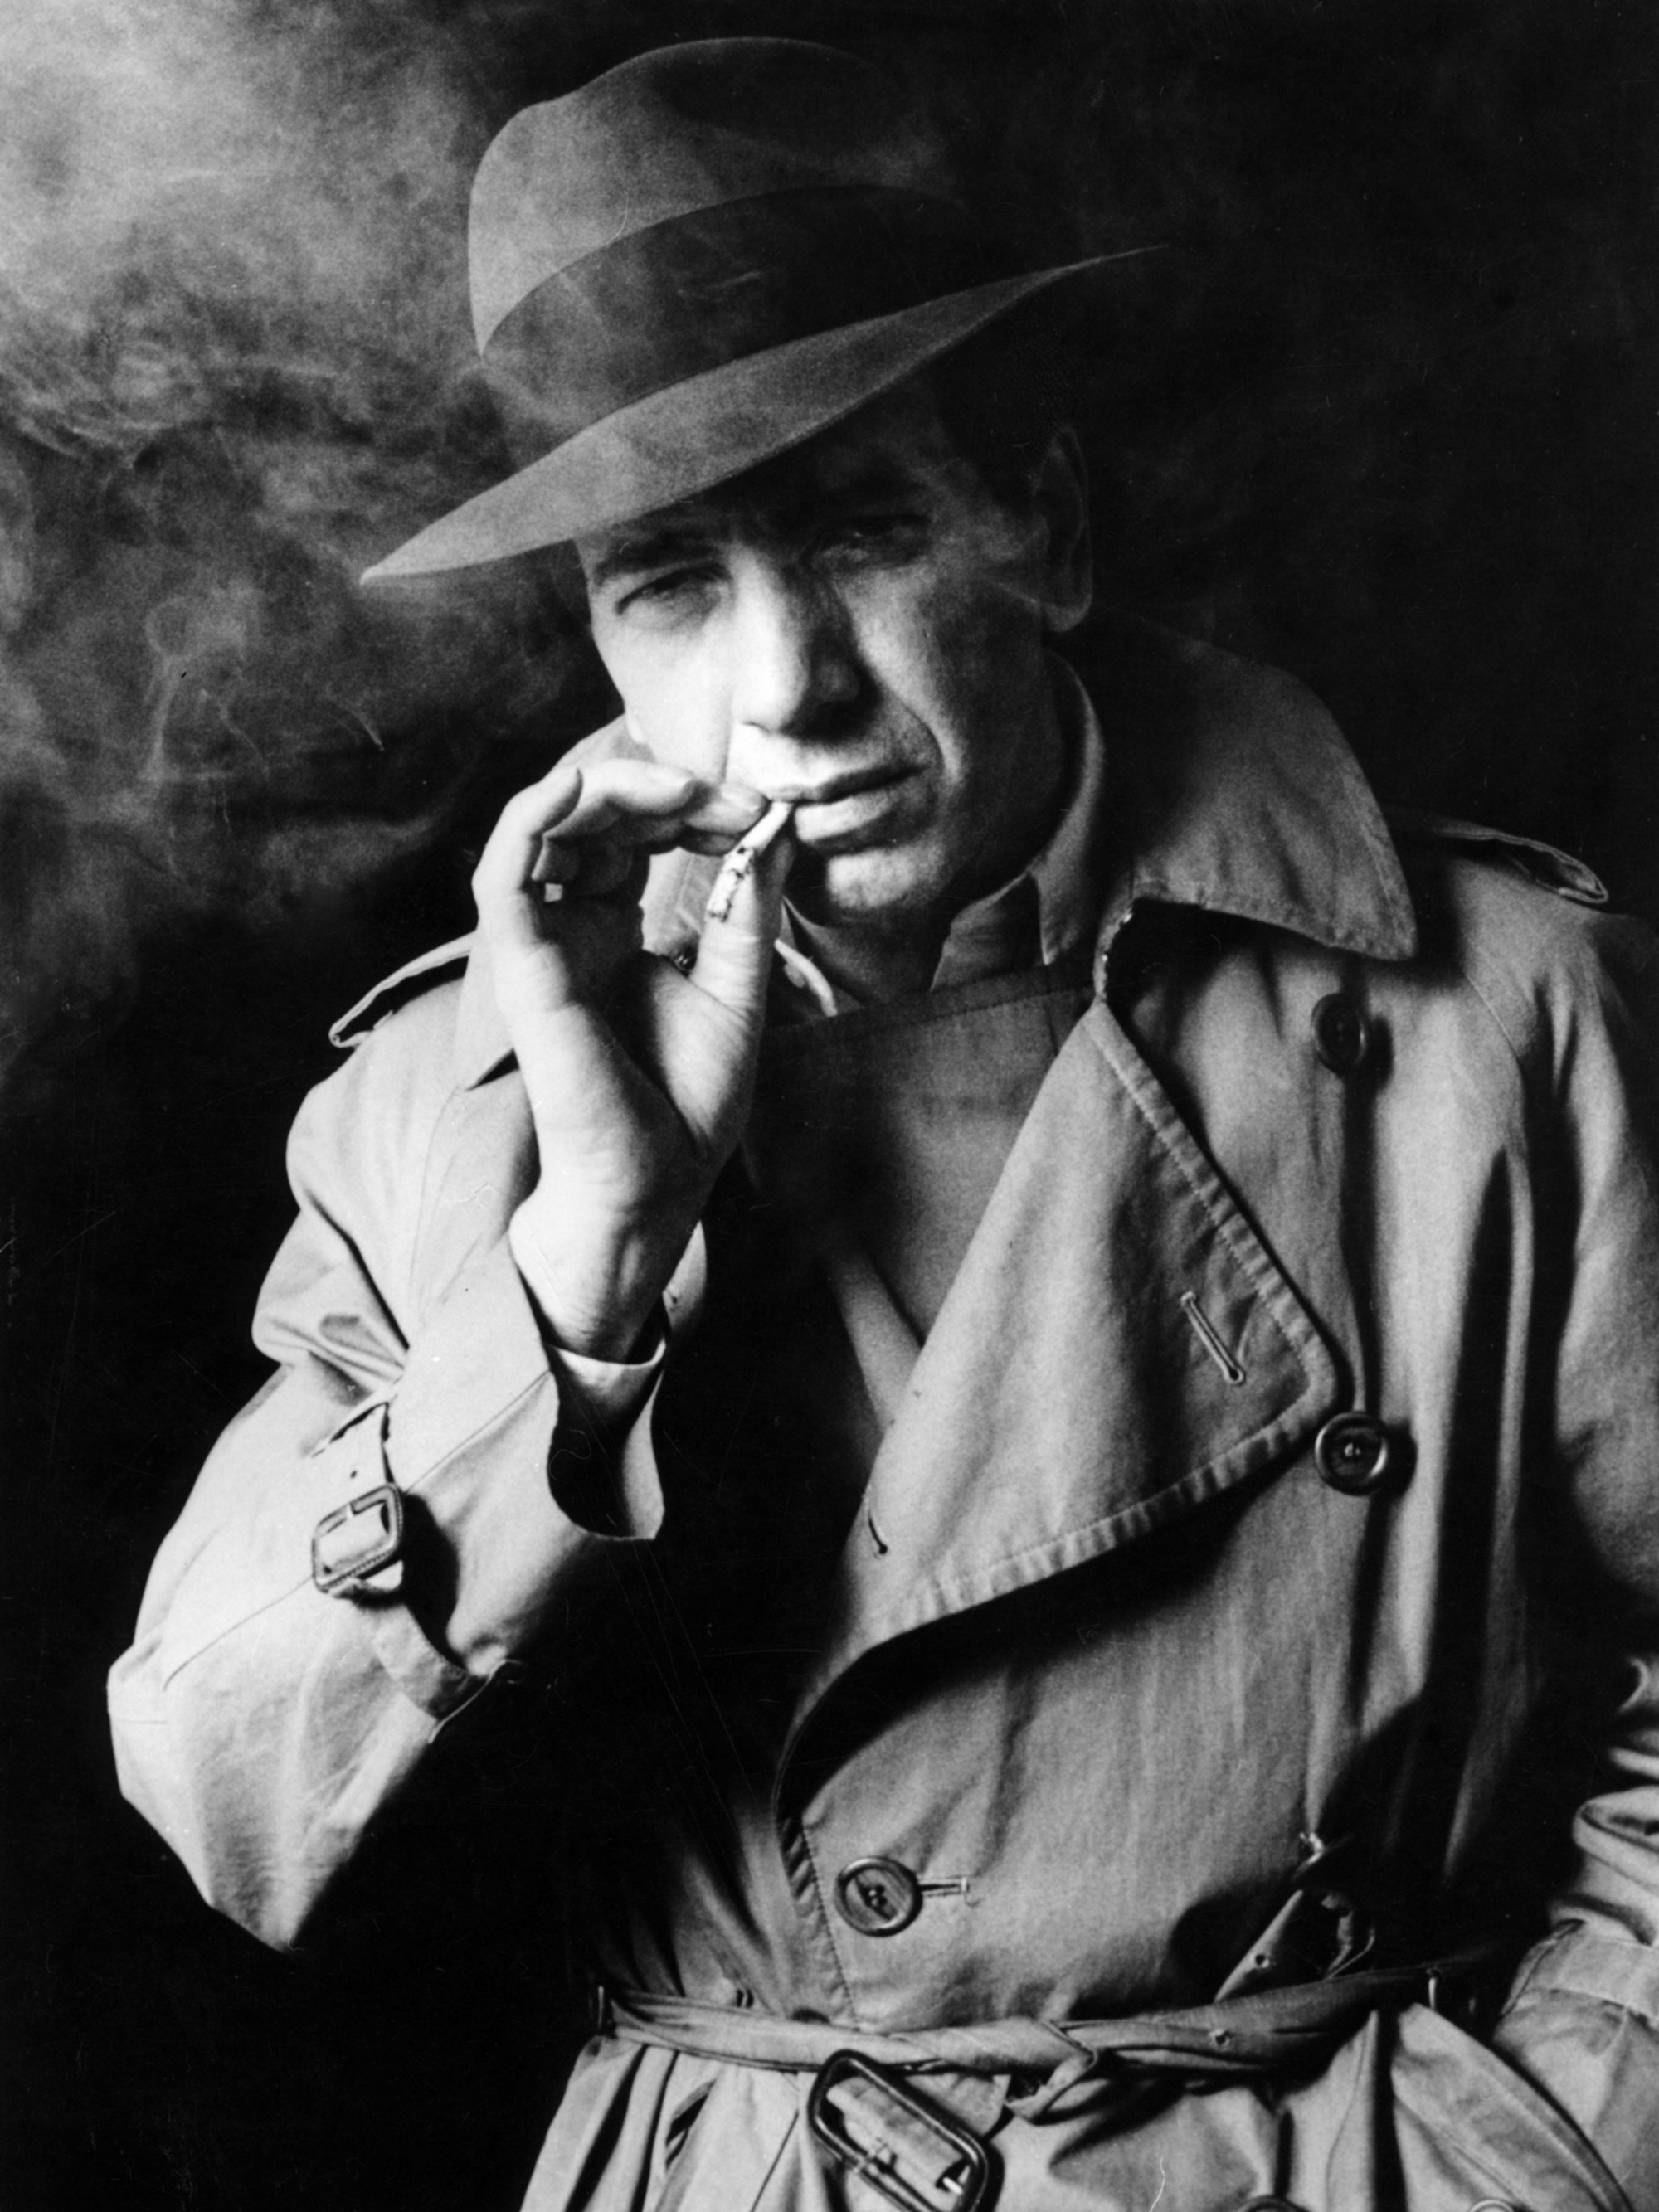 bogart-cigarro.jpg